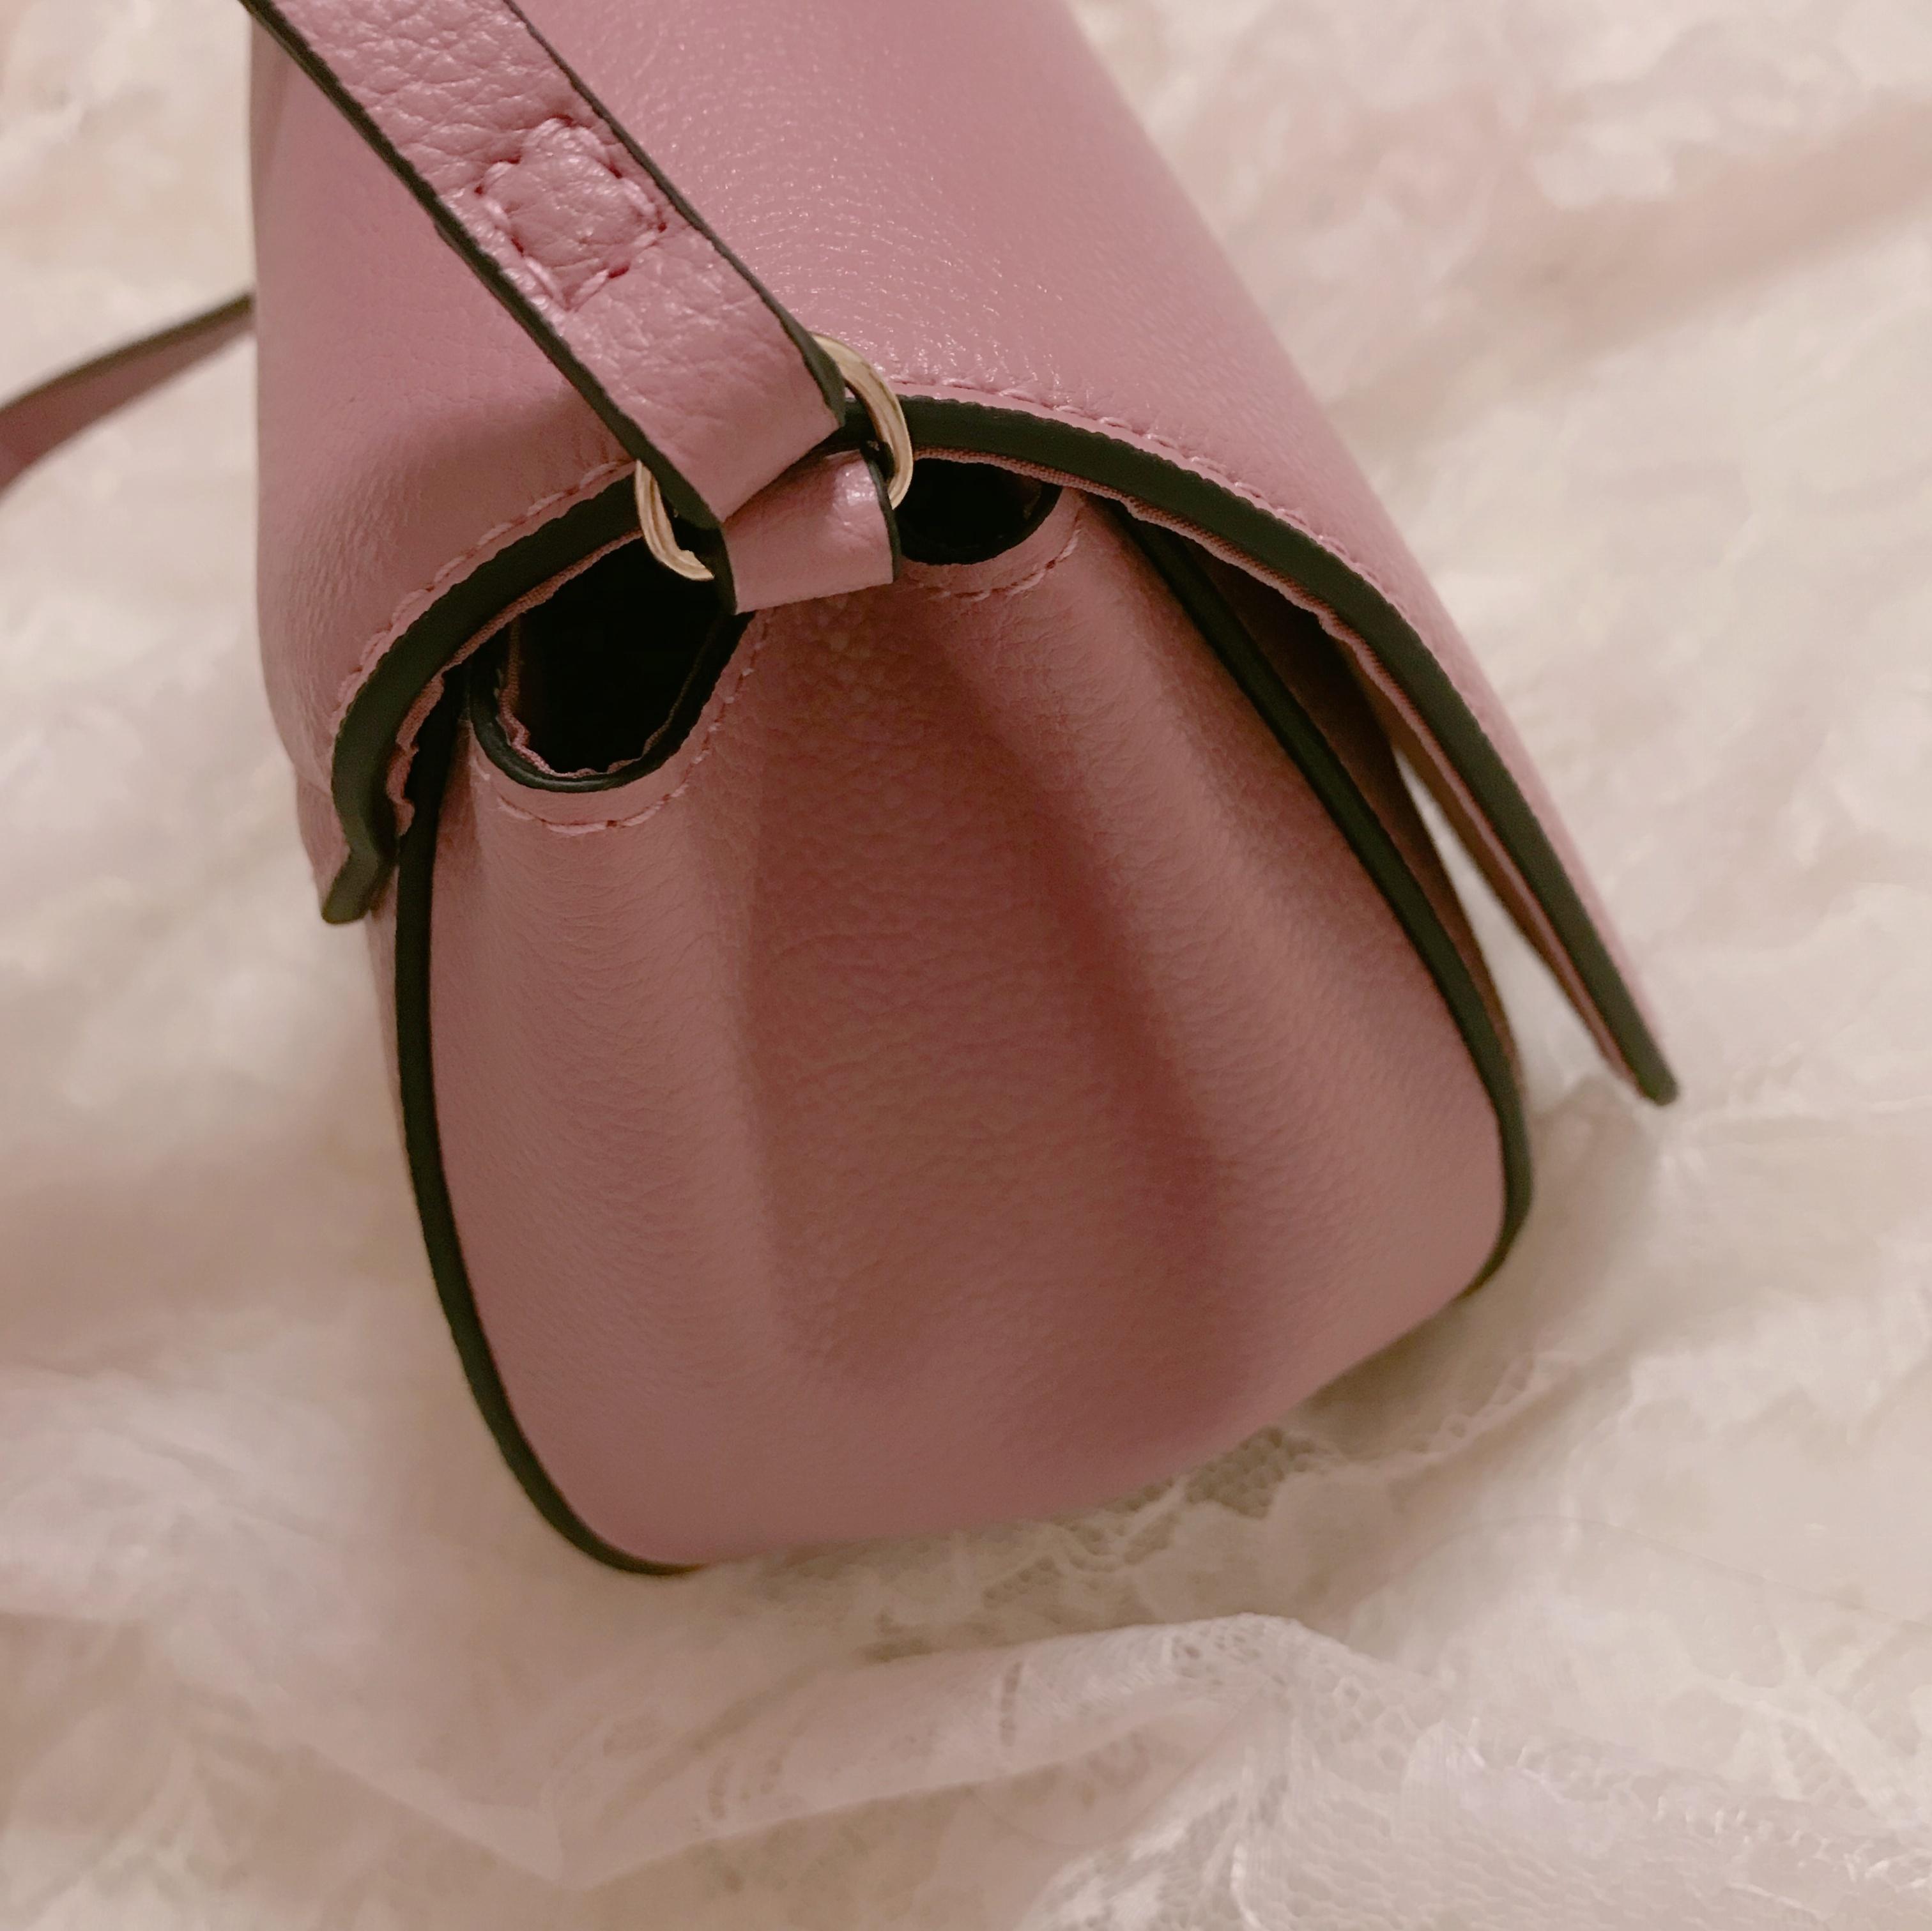 【H&M】ショルダーバッグが2000円以下❤︎プチプラなら挑戦しやすいアクセントカラーがおすすめ!_4